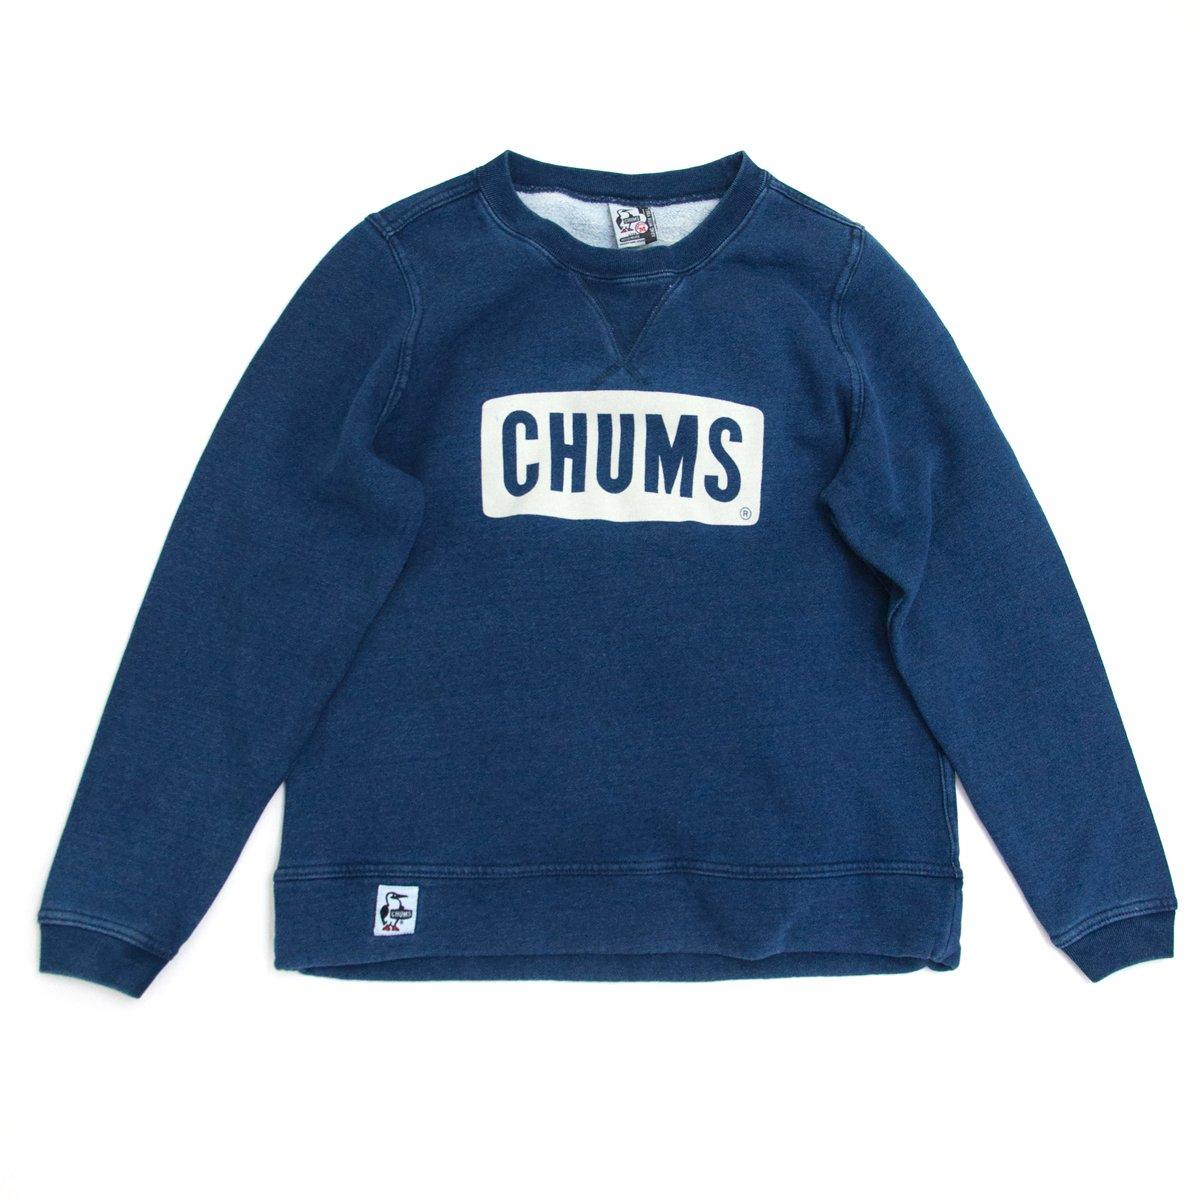 CHUMS チャムス レディース ボートロゴクルートップインディゴ[CH10-1096] B076DYDMFS  インディゴ